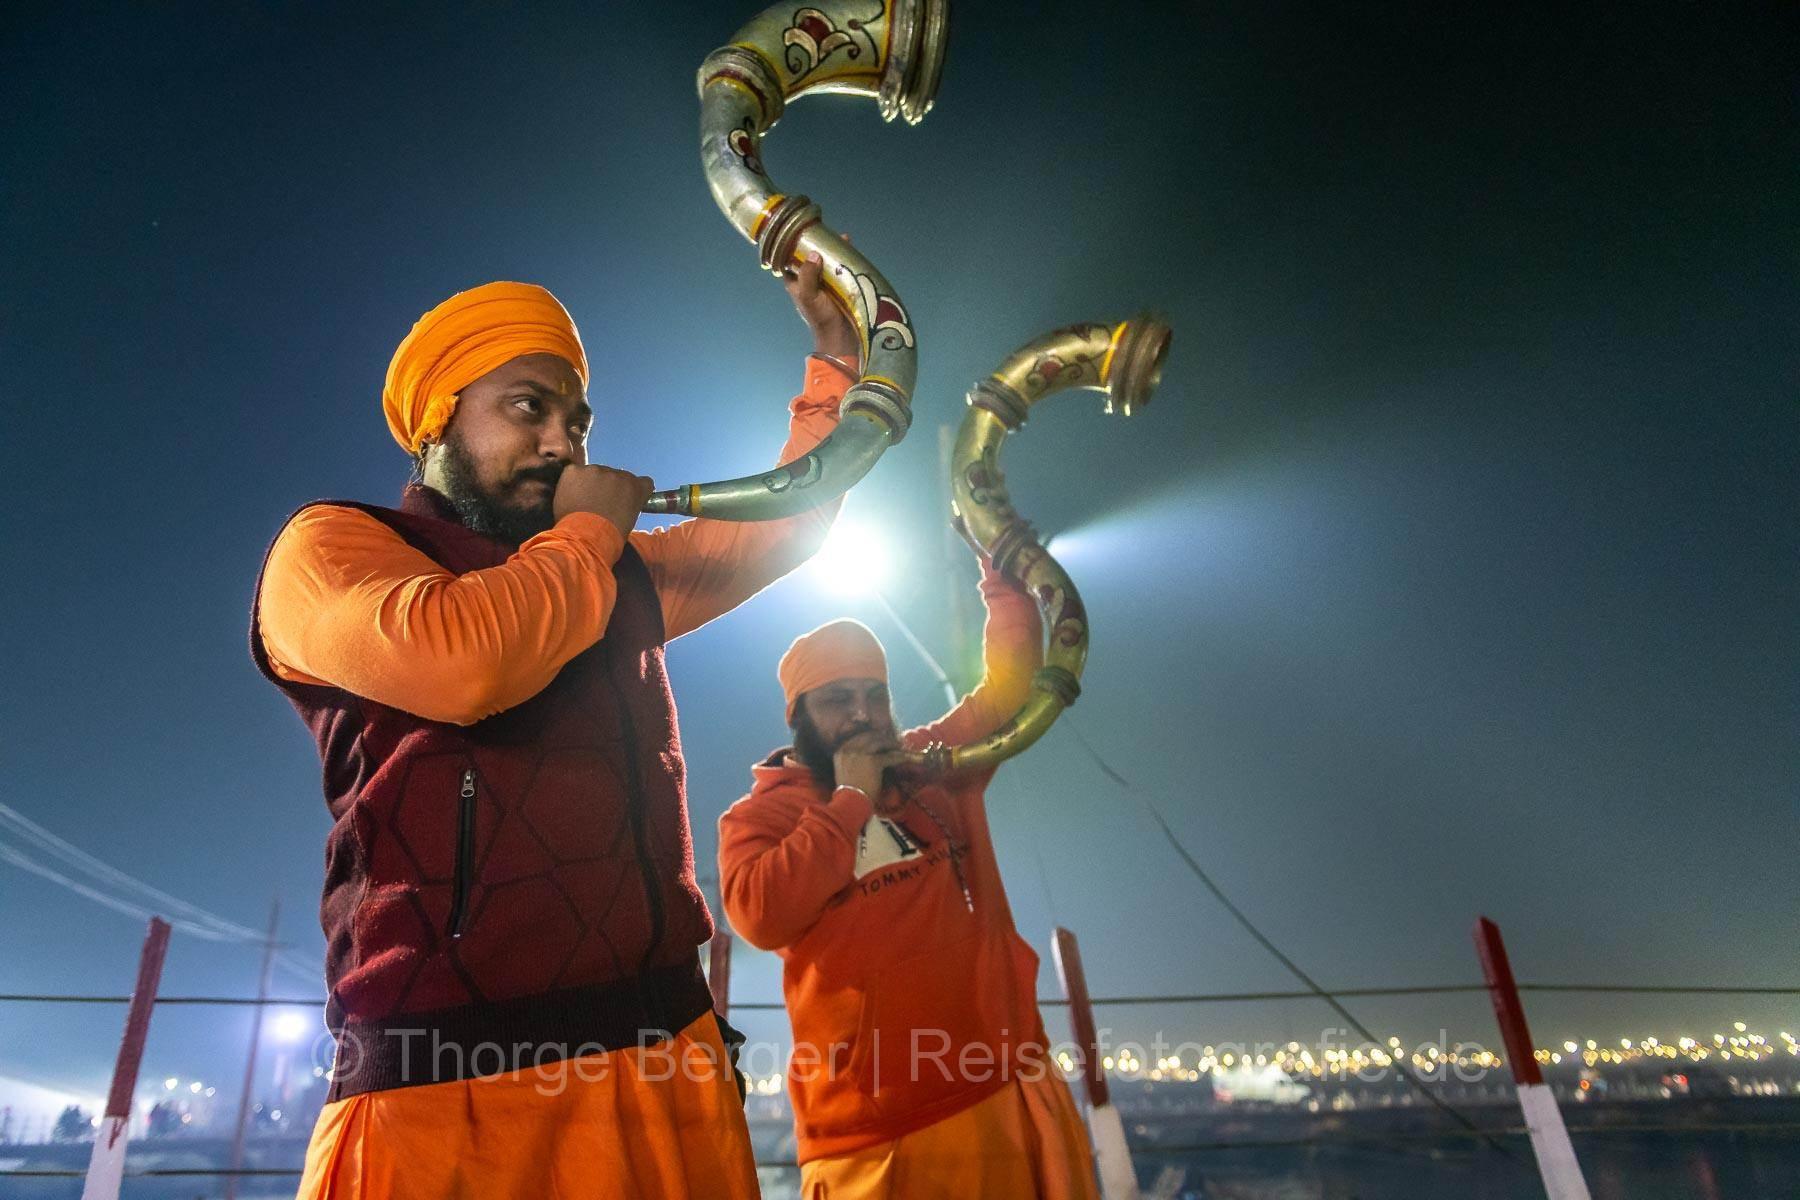 Trompeter auf der Ardth Kumbh Mela in Praygraj 2019